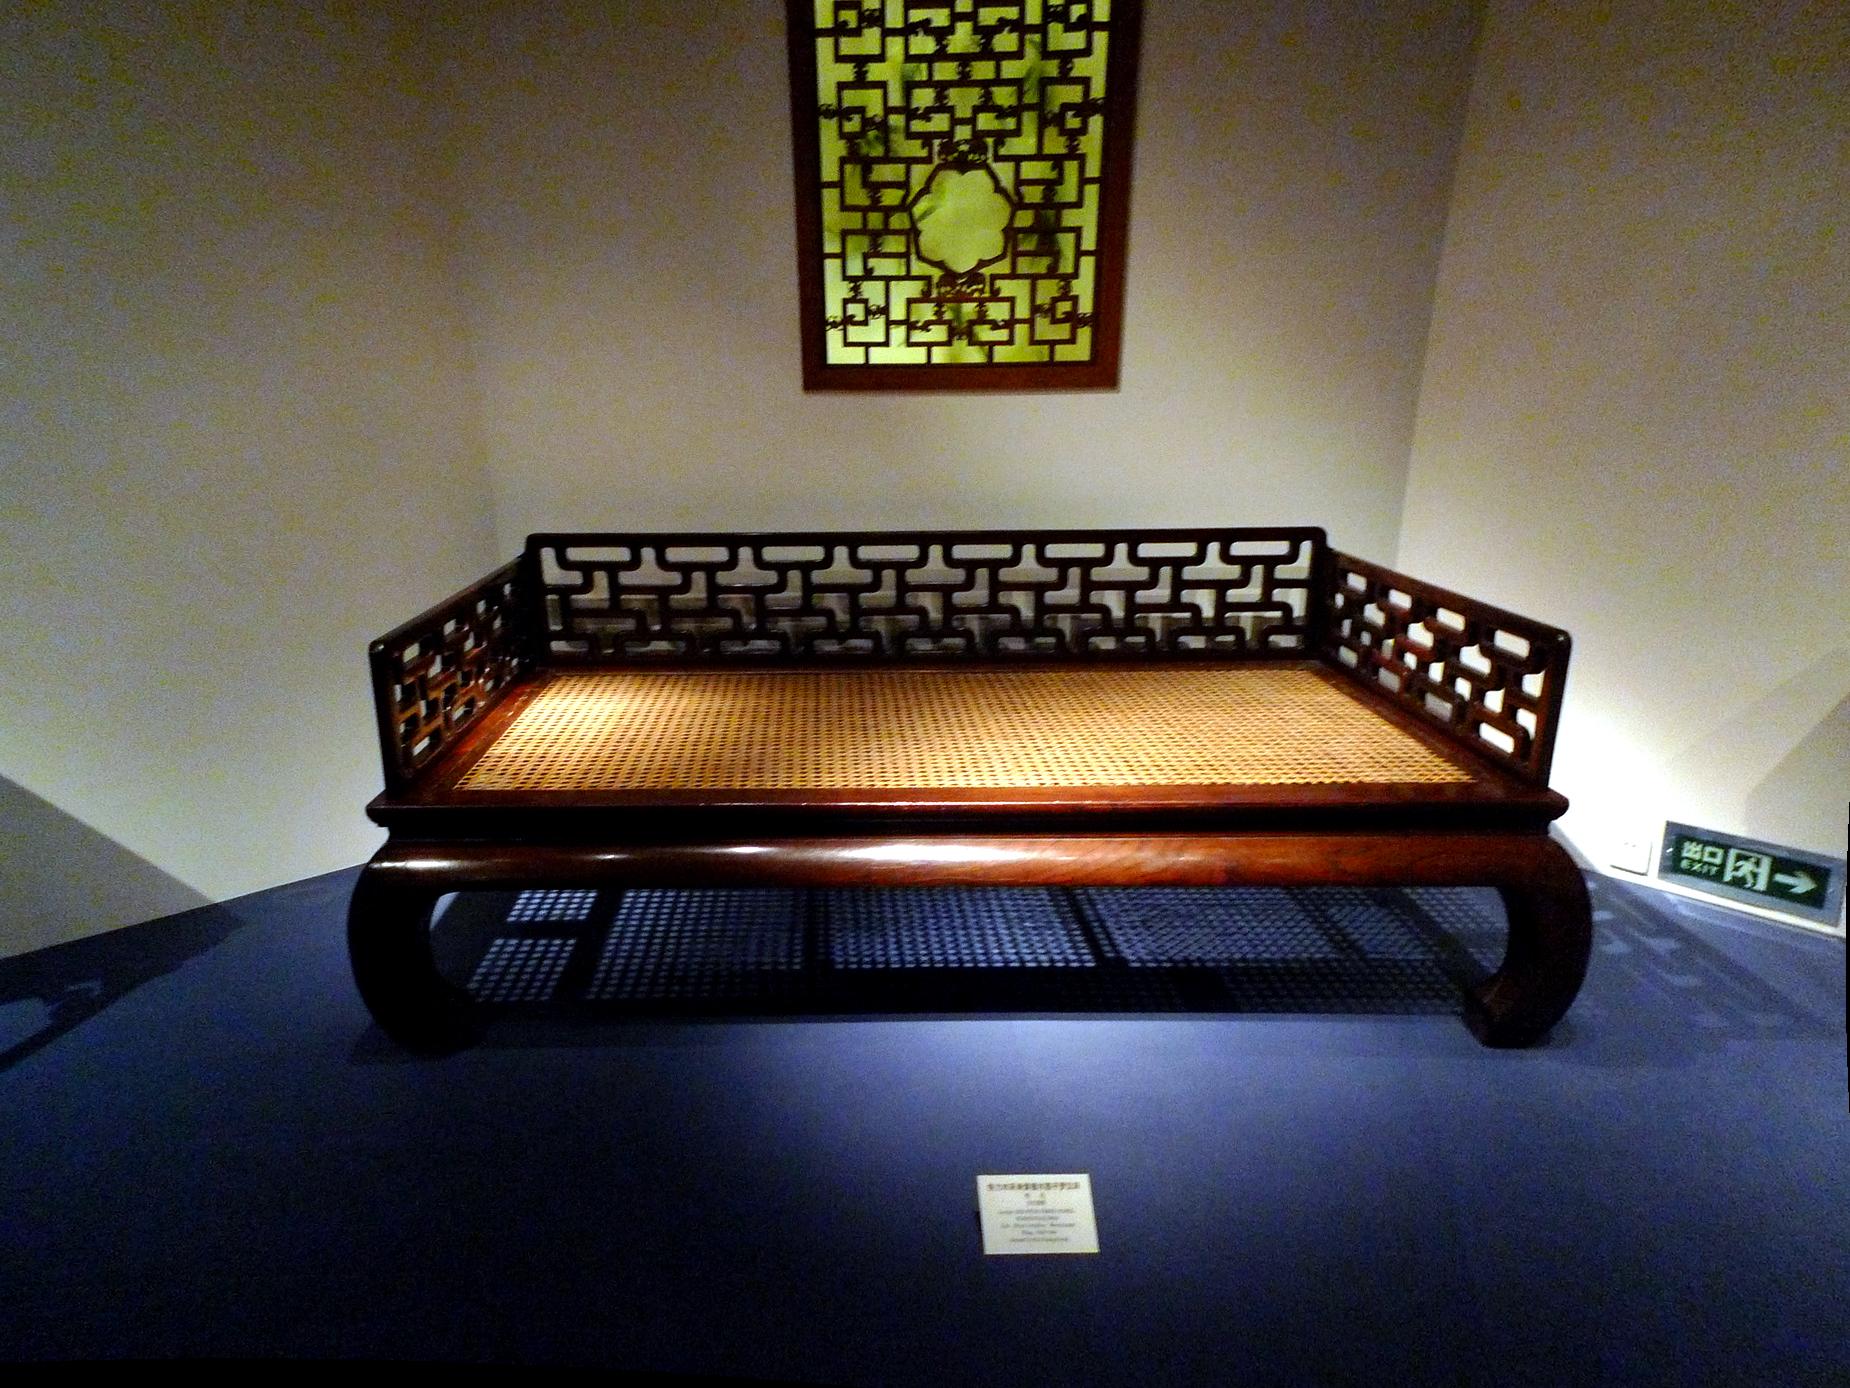 Mueble antiguo chino wikipedia la enciclopedia libre - Mueble chino antiguo ...